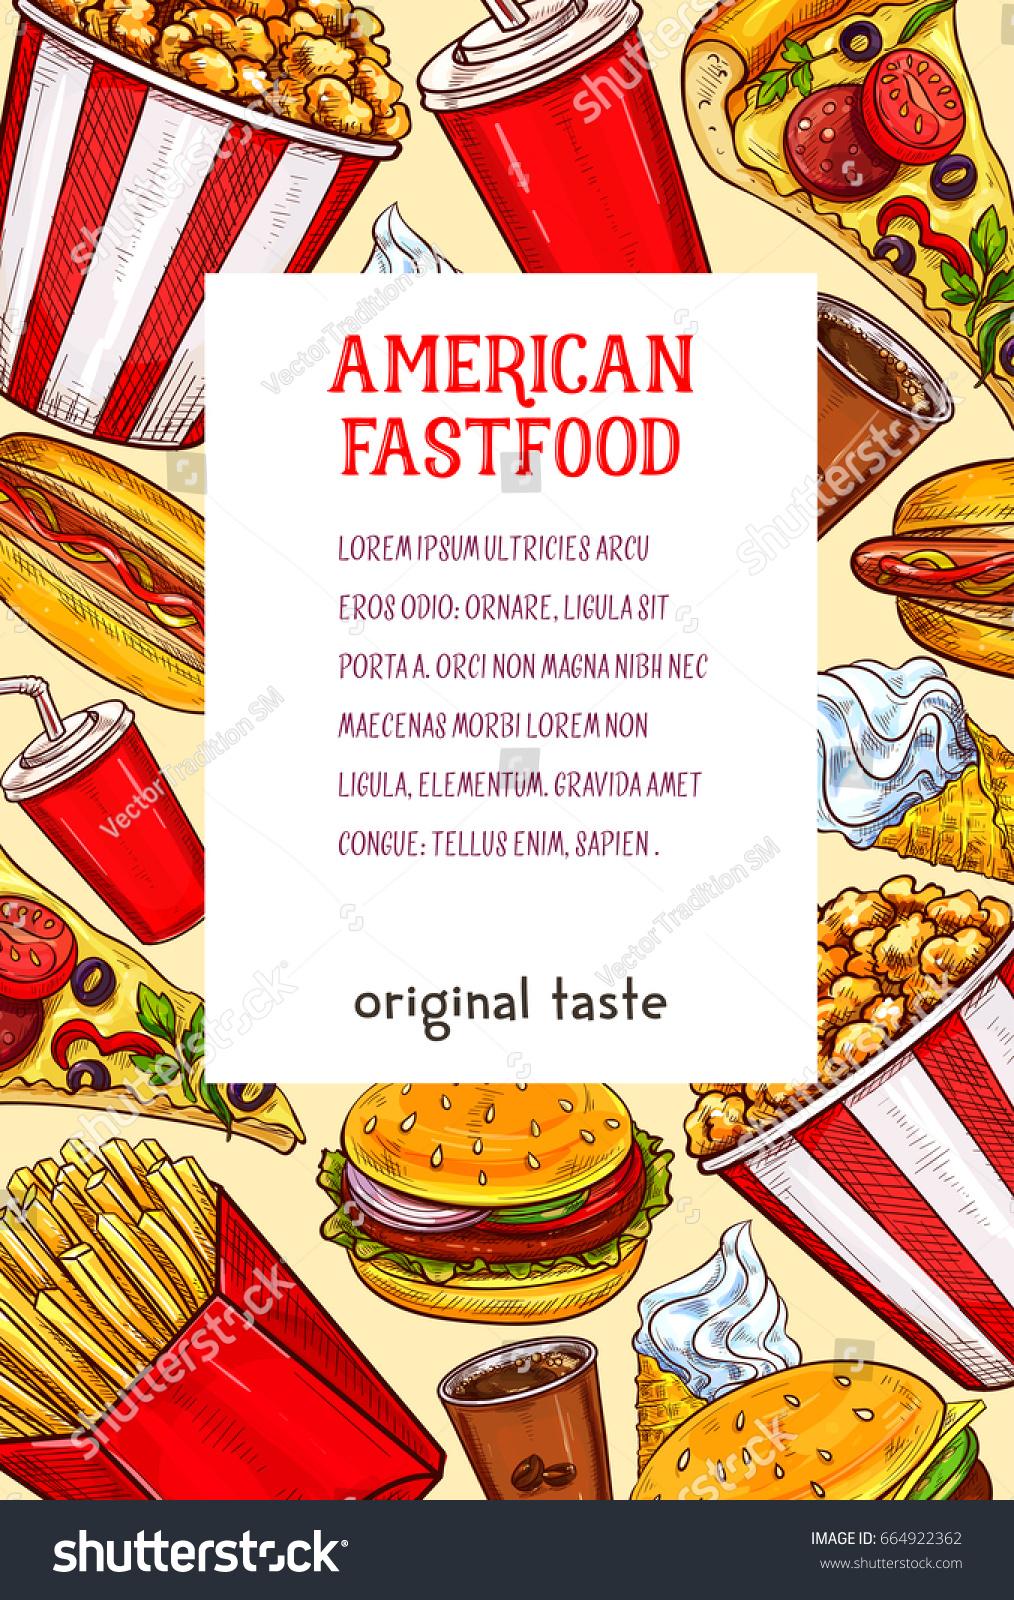 Best Albuquerque Fast Food